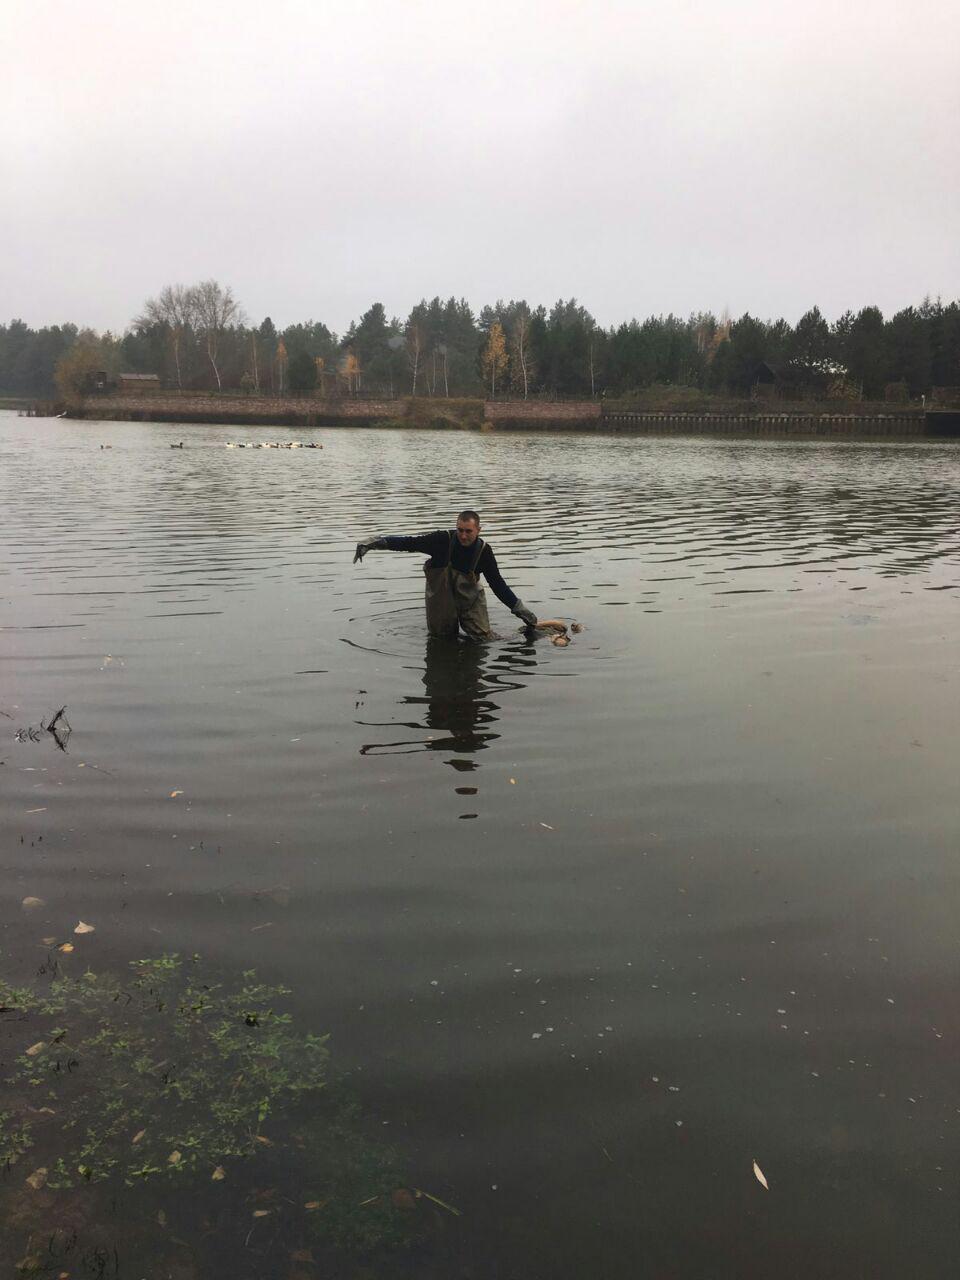 У Вишгородському районі втопився чоловік - рятувальники, потопельник, київщина, Вишгородський район - 1111 Ryatuv